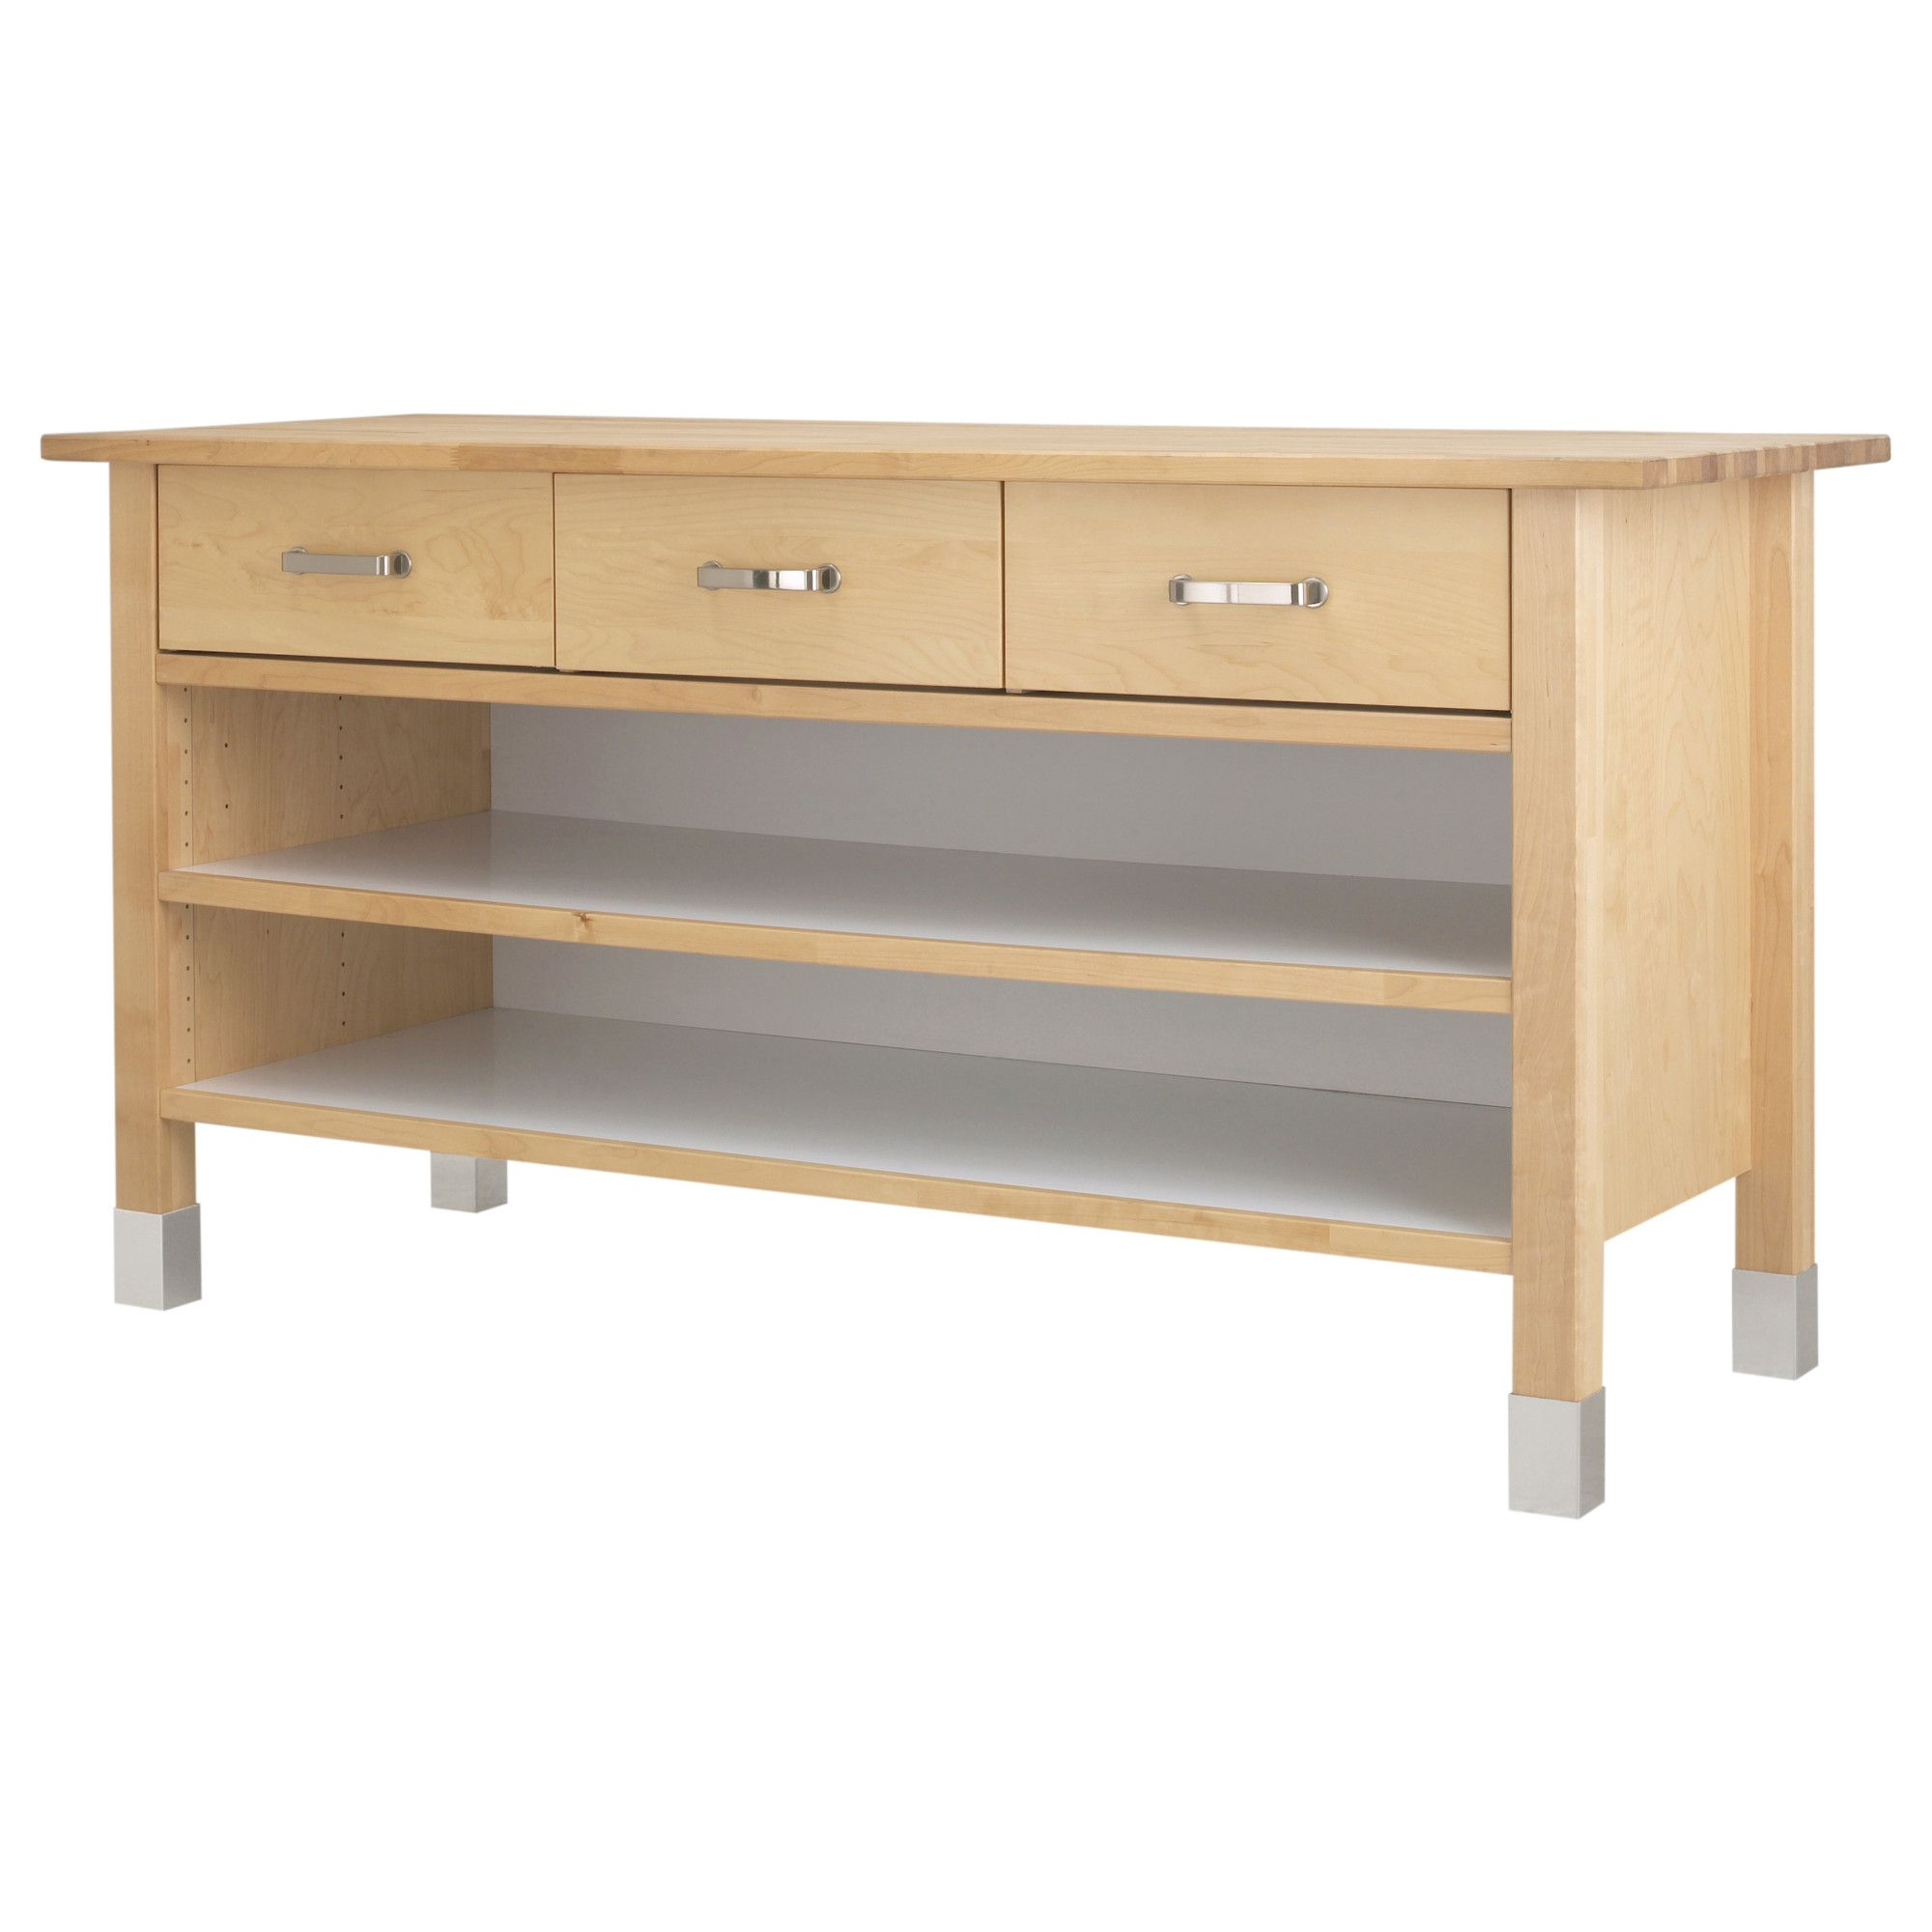 VÄRDE Mobile base - IKEA | Mobili | Pinterest | Cucine e Mobili